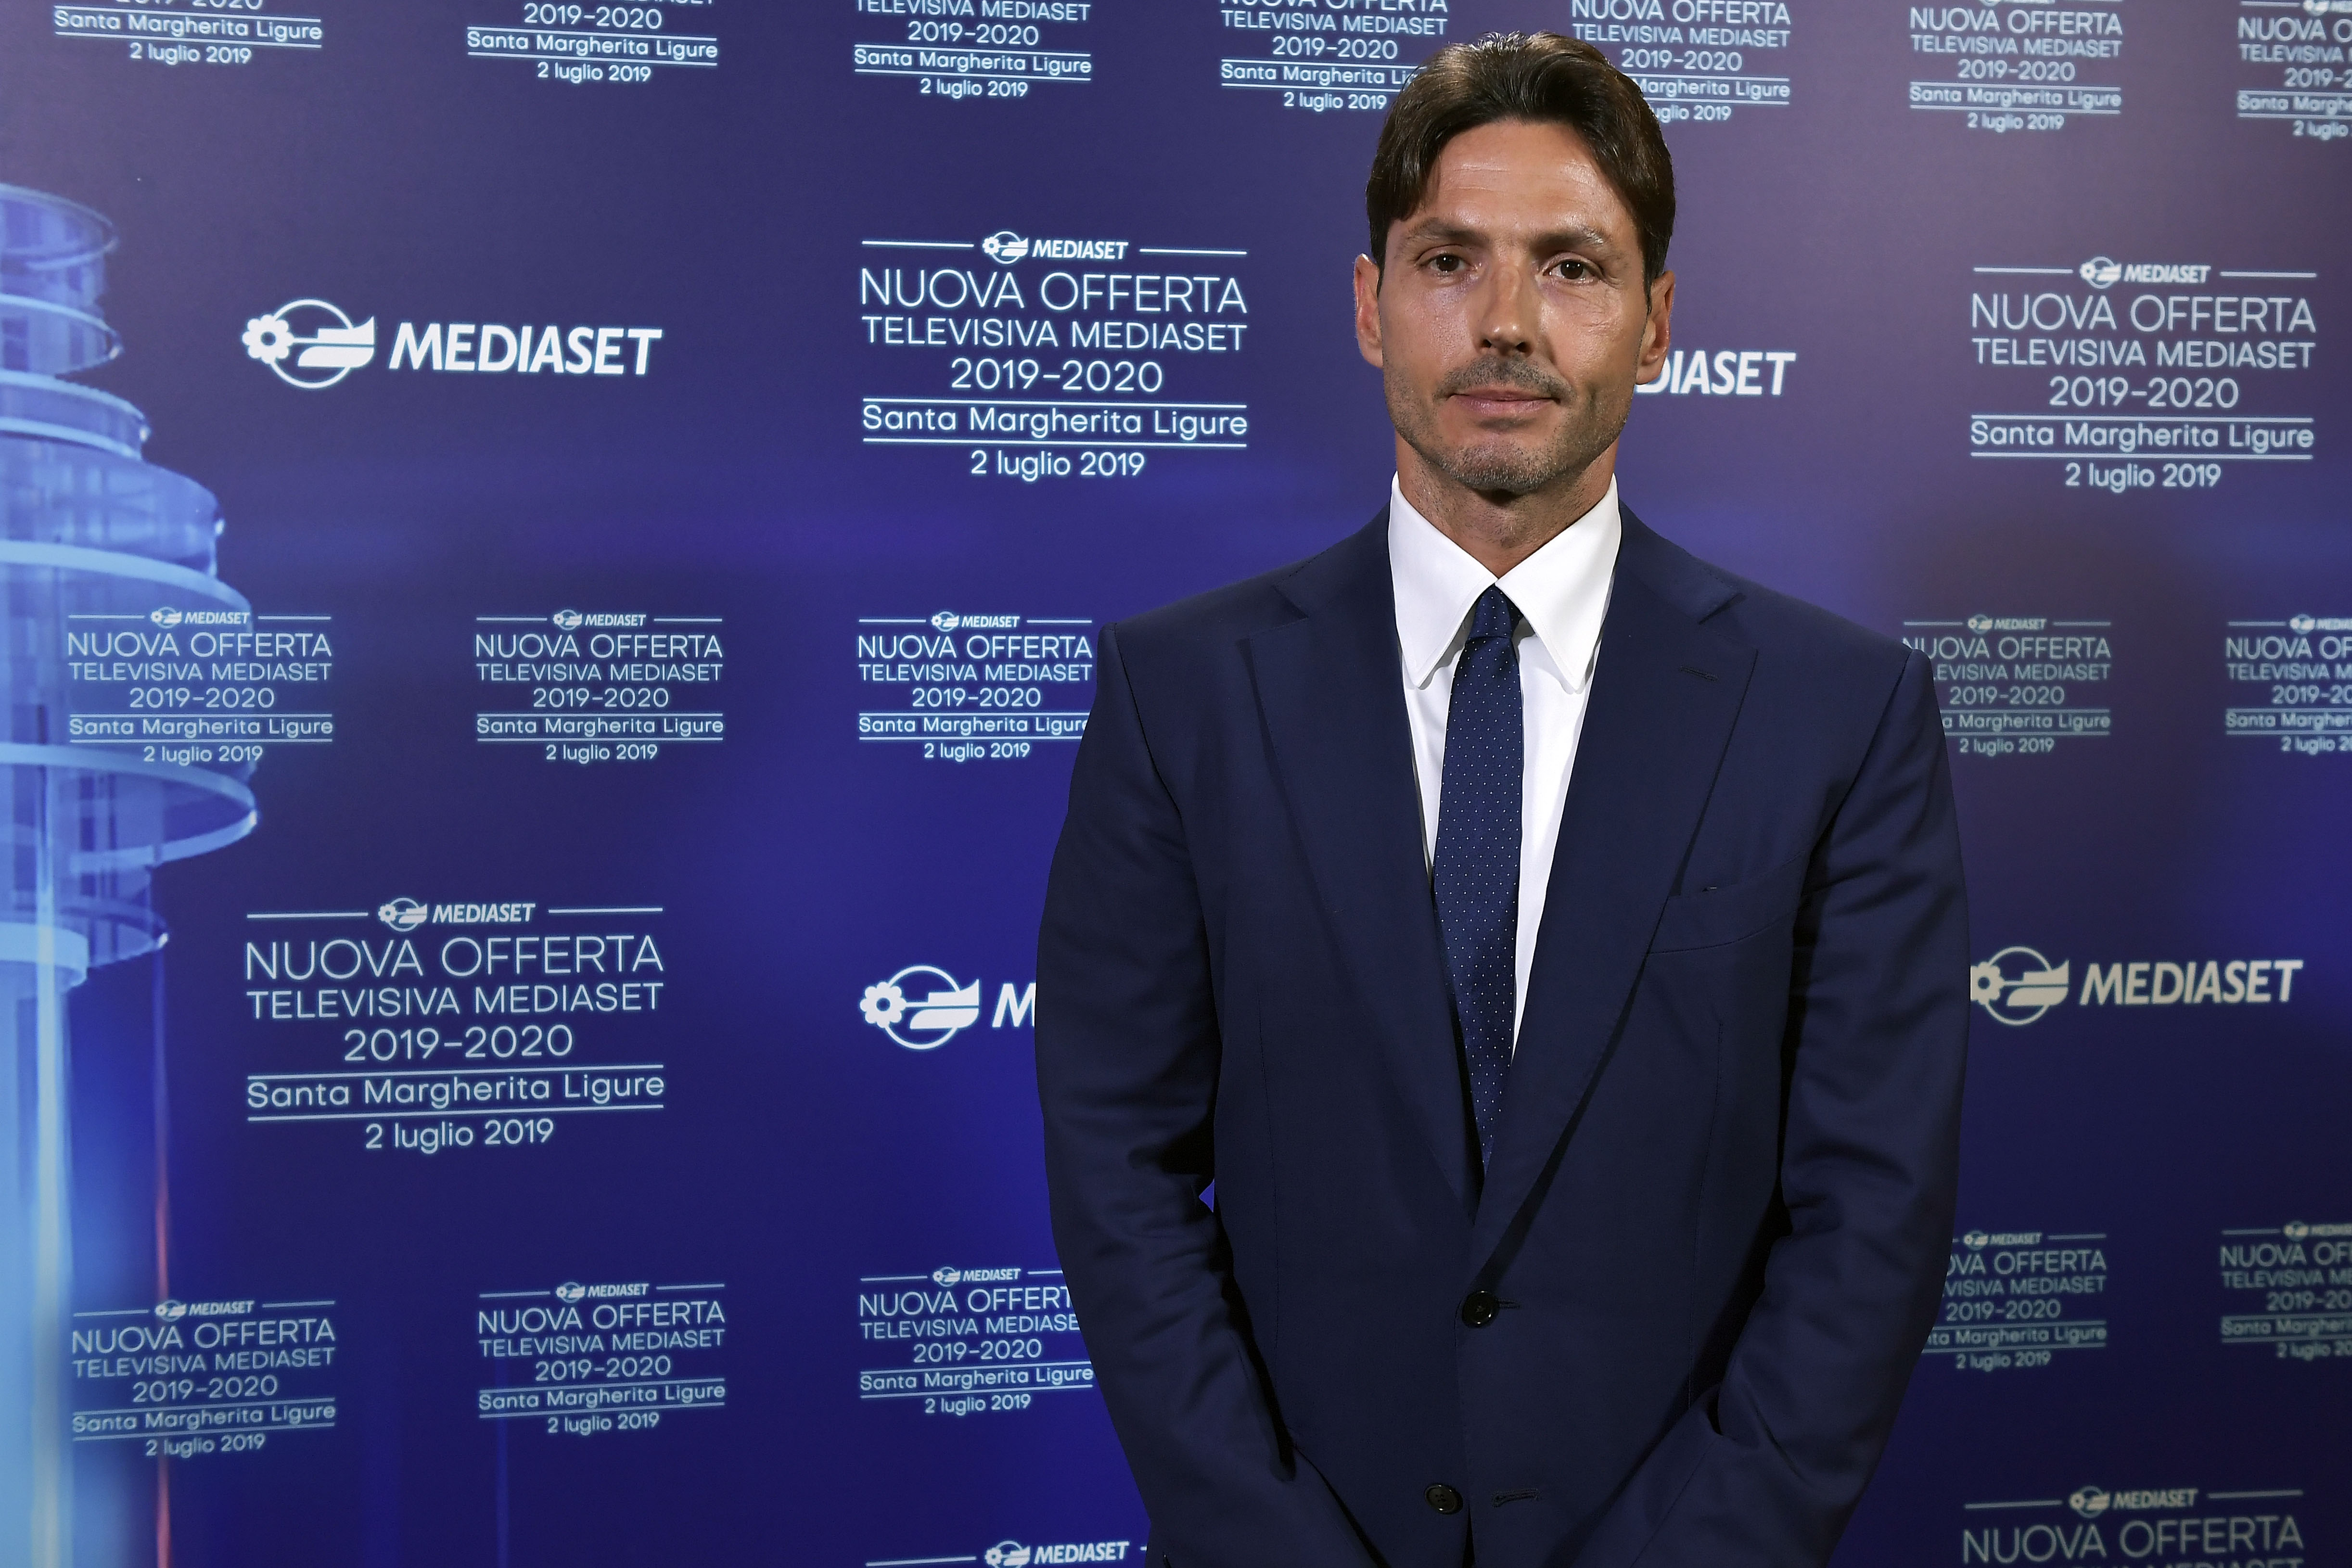 Palinsesti Mediaset 2019-20